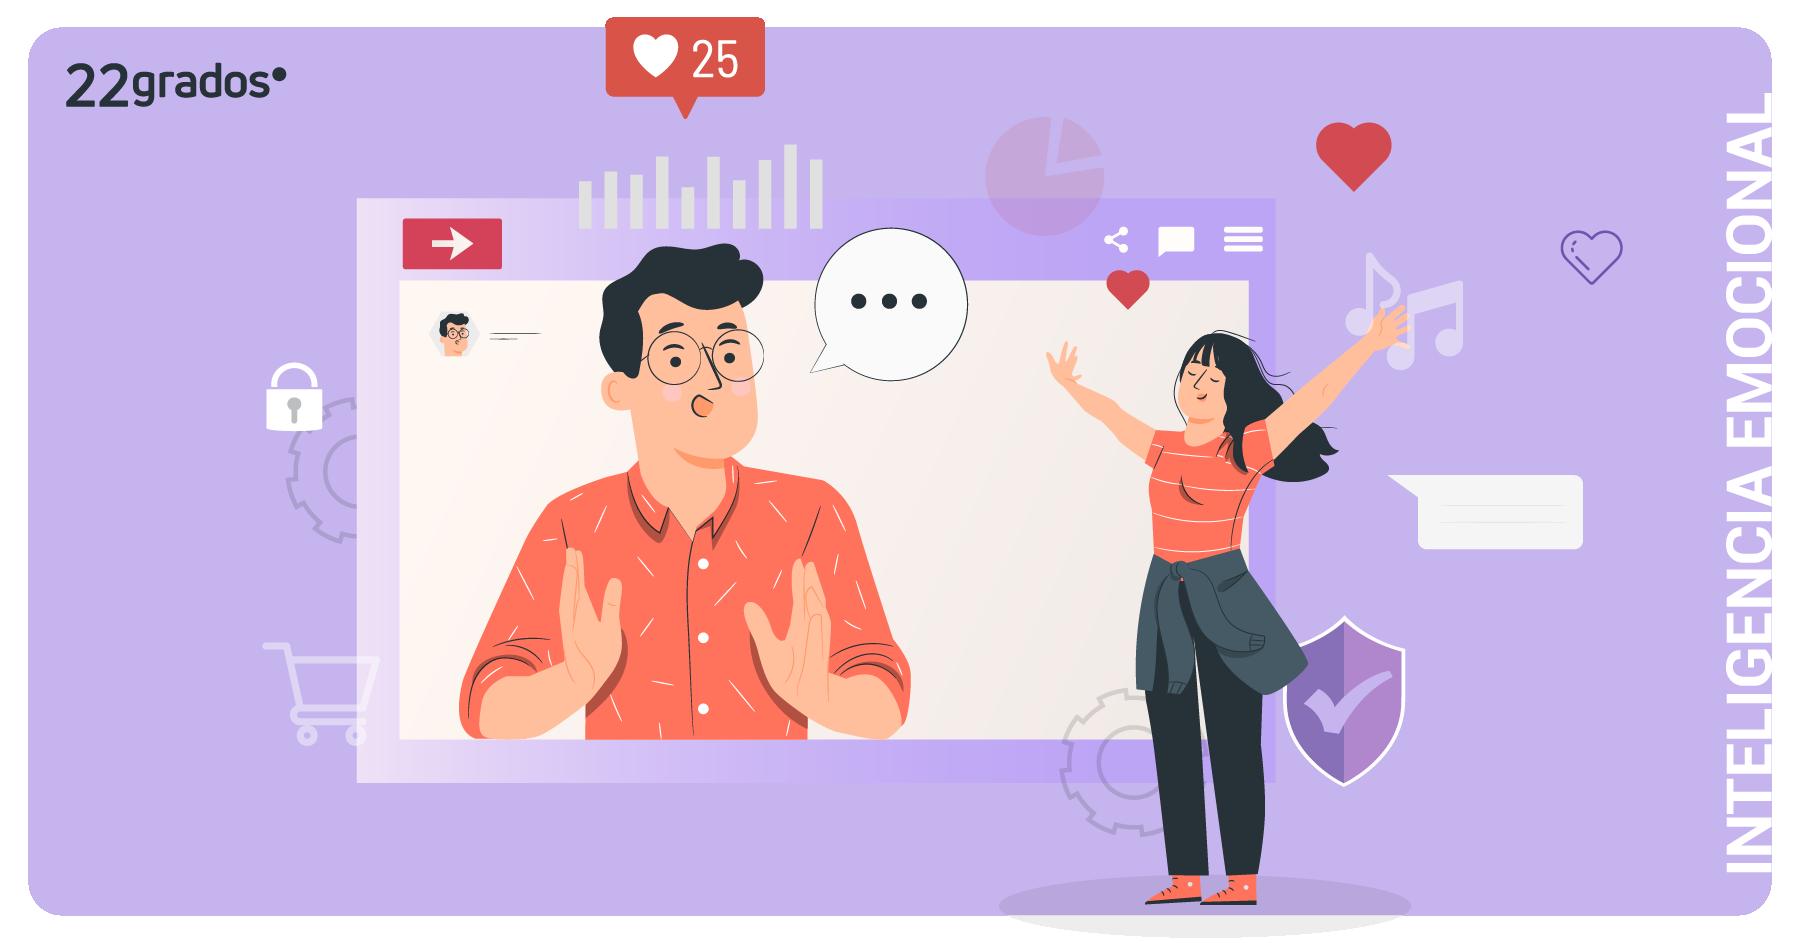 Inteligencia emocional: la tendencia social y de medios para las marcas en 2021